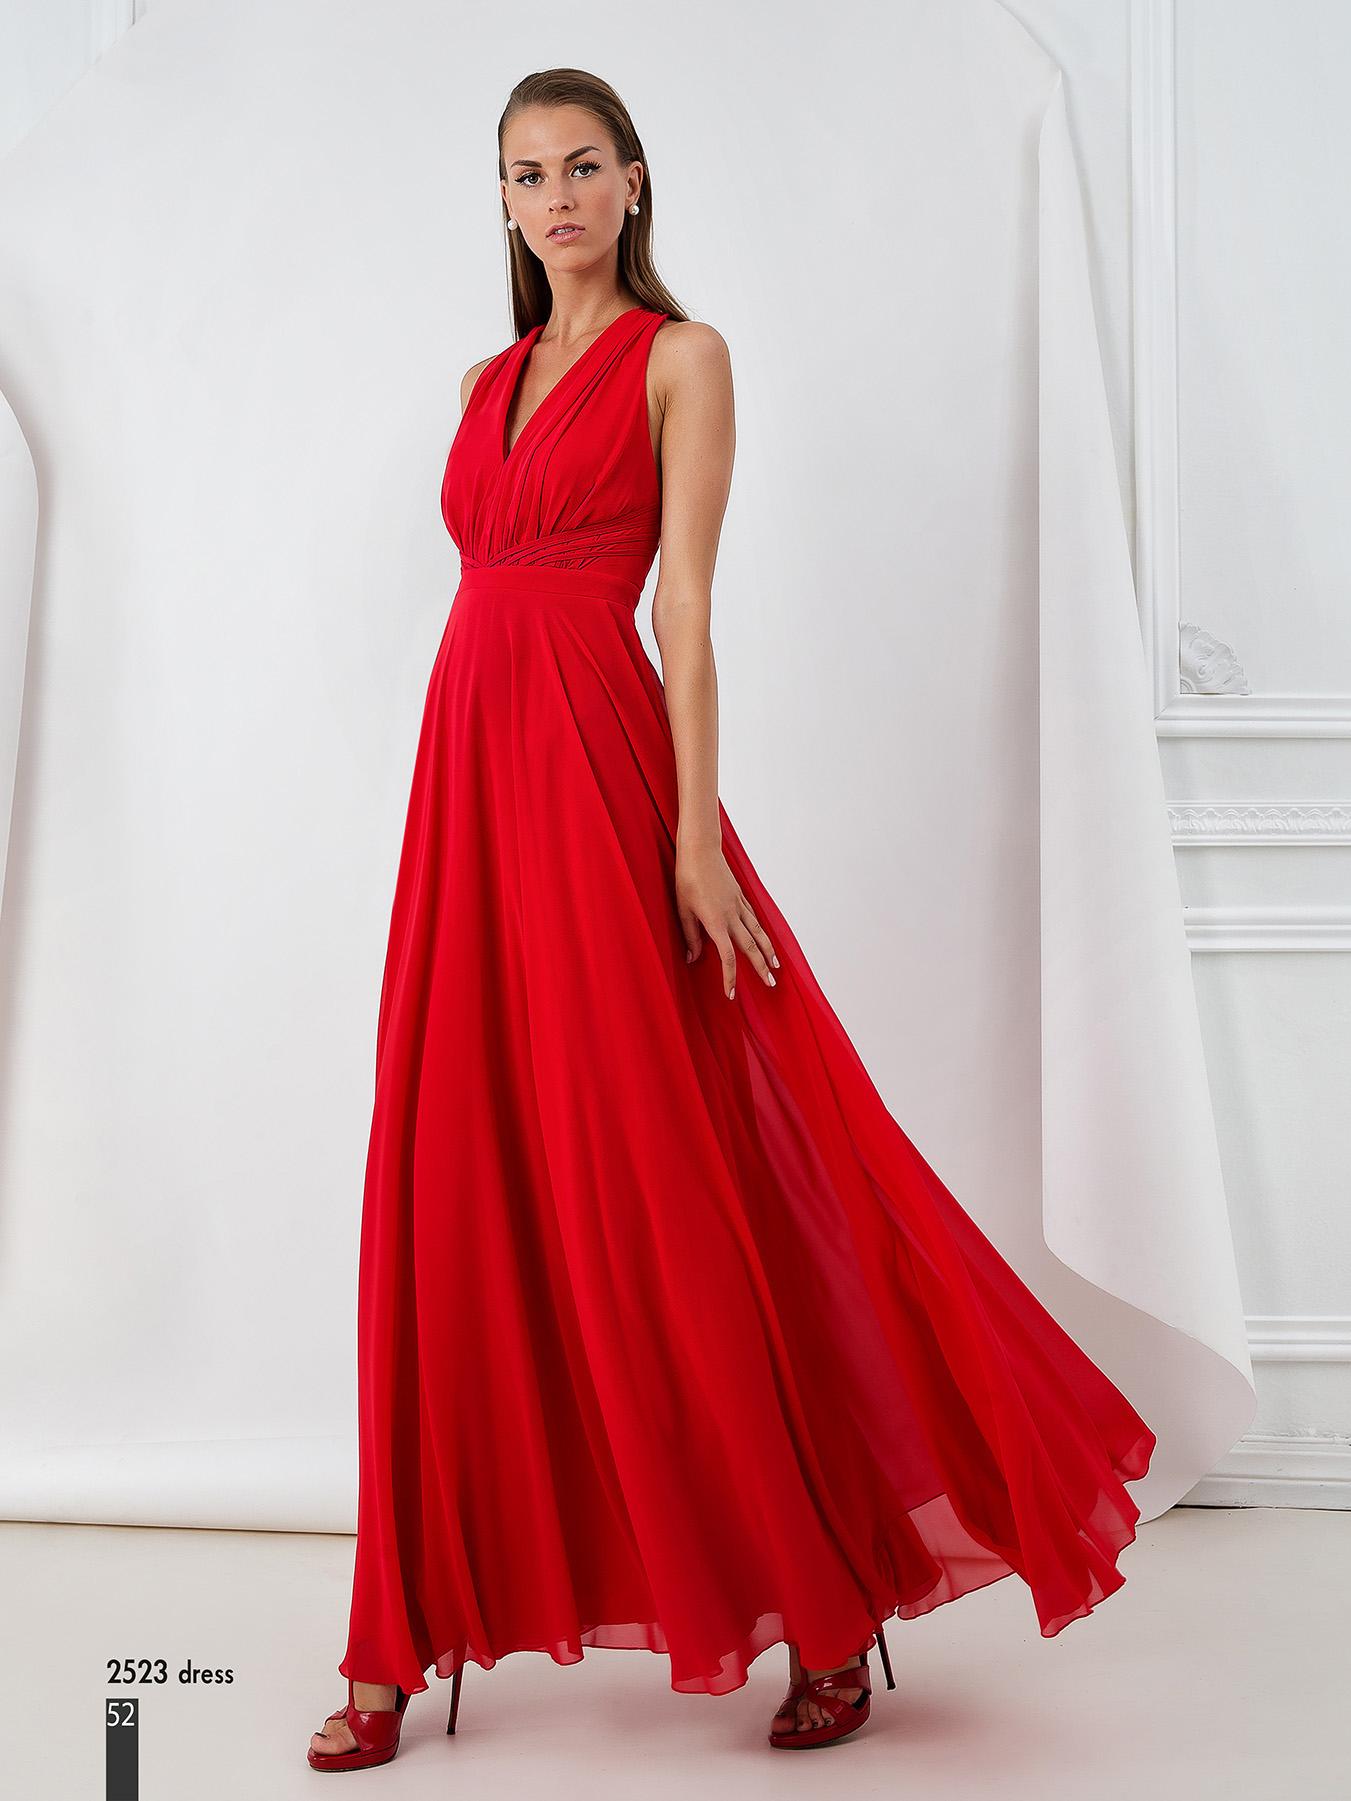 cd25cc49fc7e La passione e l entusiasmo con cui sono disegnati e prodotti gli abiti  Maestri-Allure fanno esaltare la femminilita  e l eleganza di ogni donna  che li ...